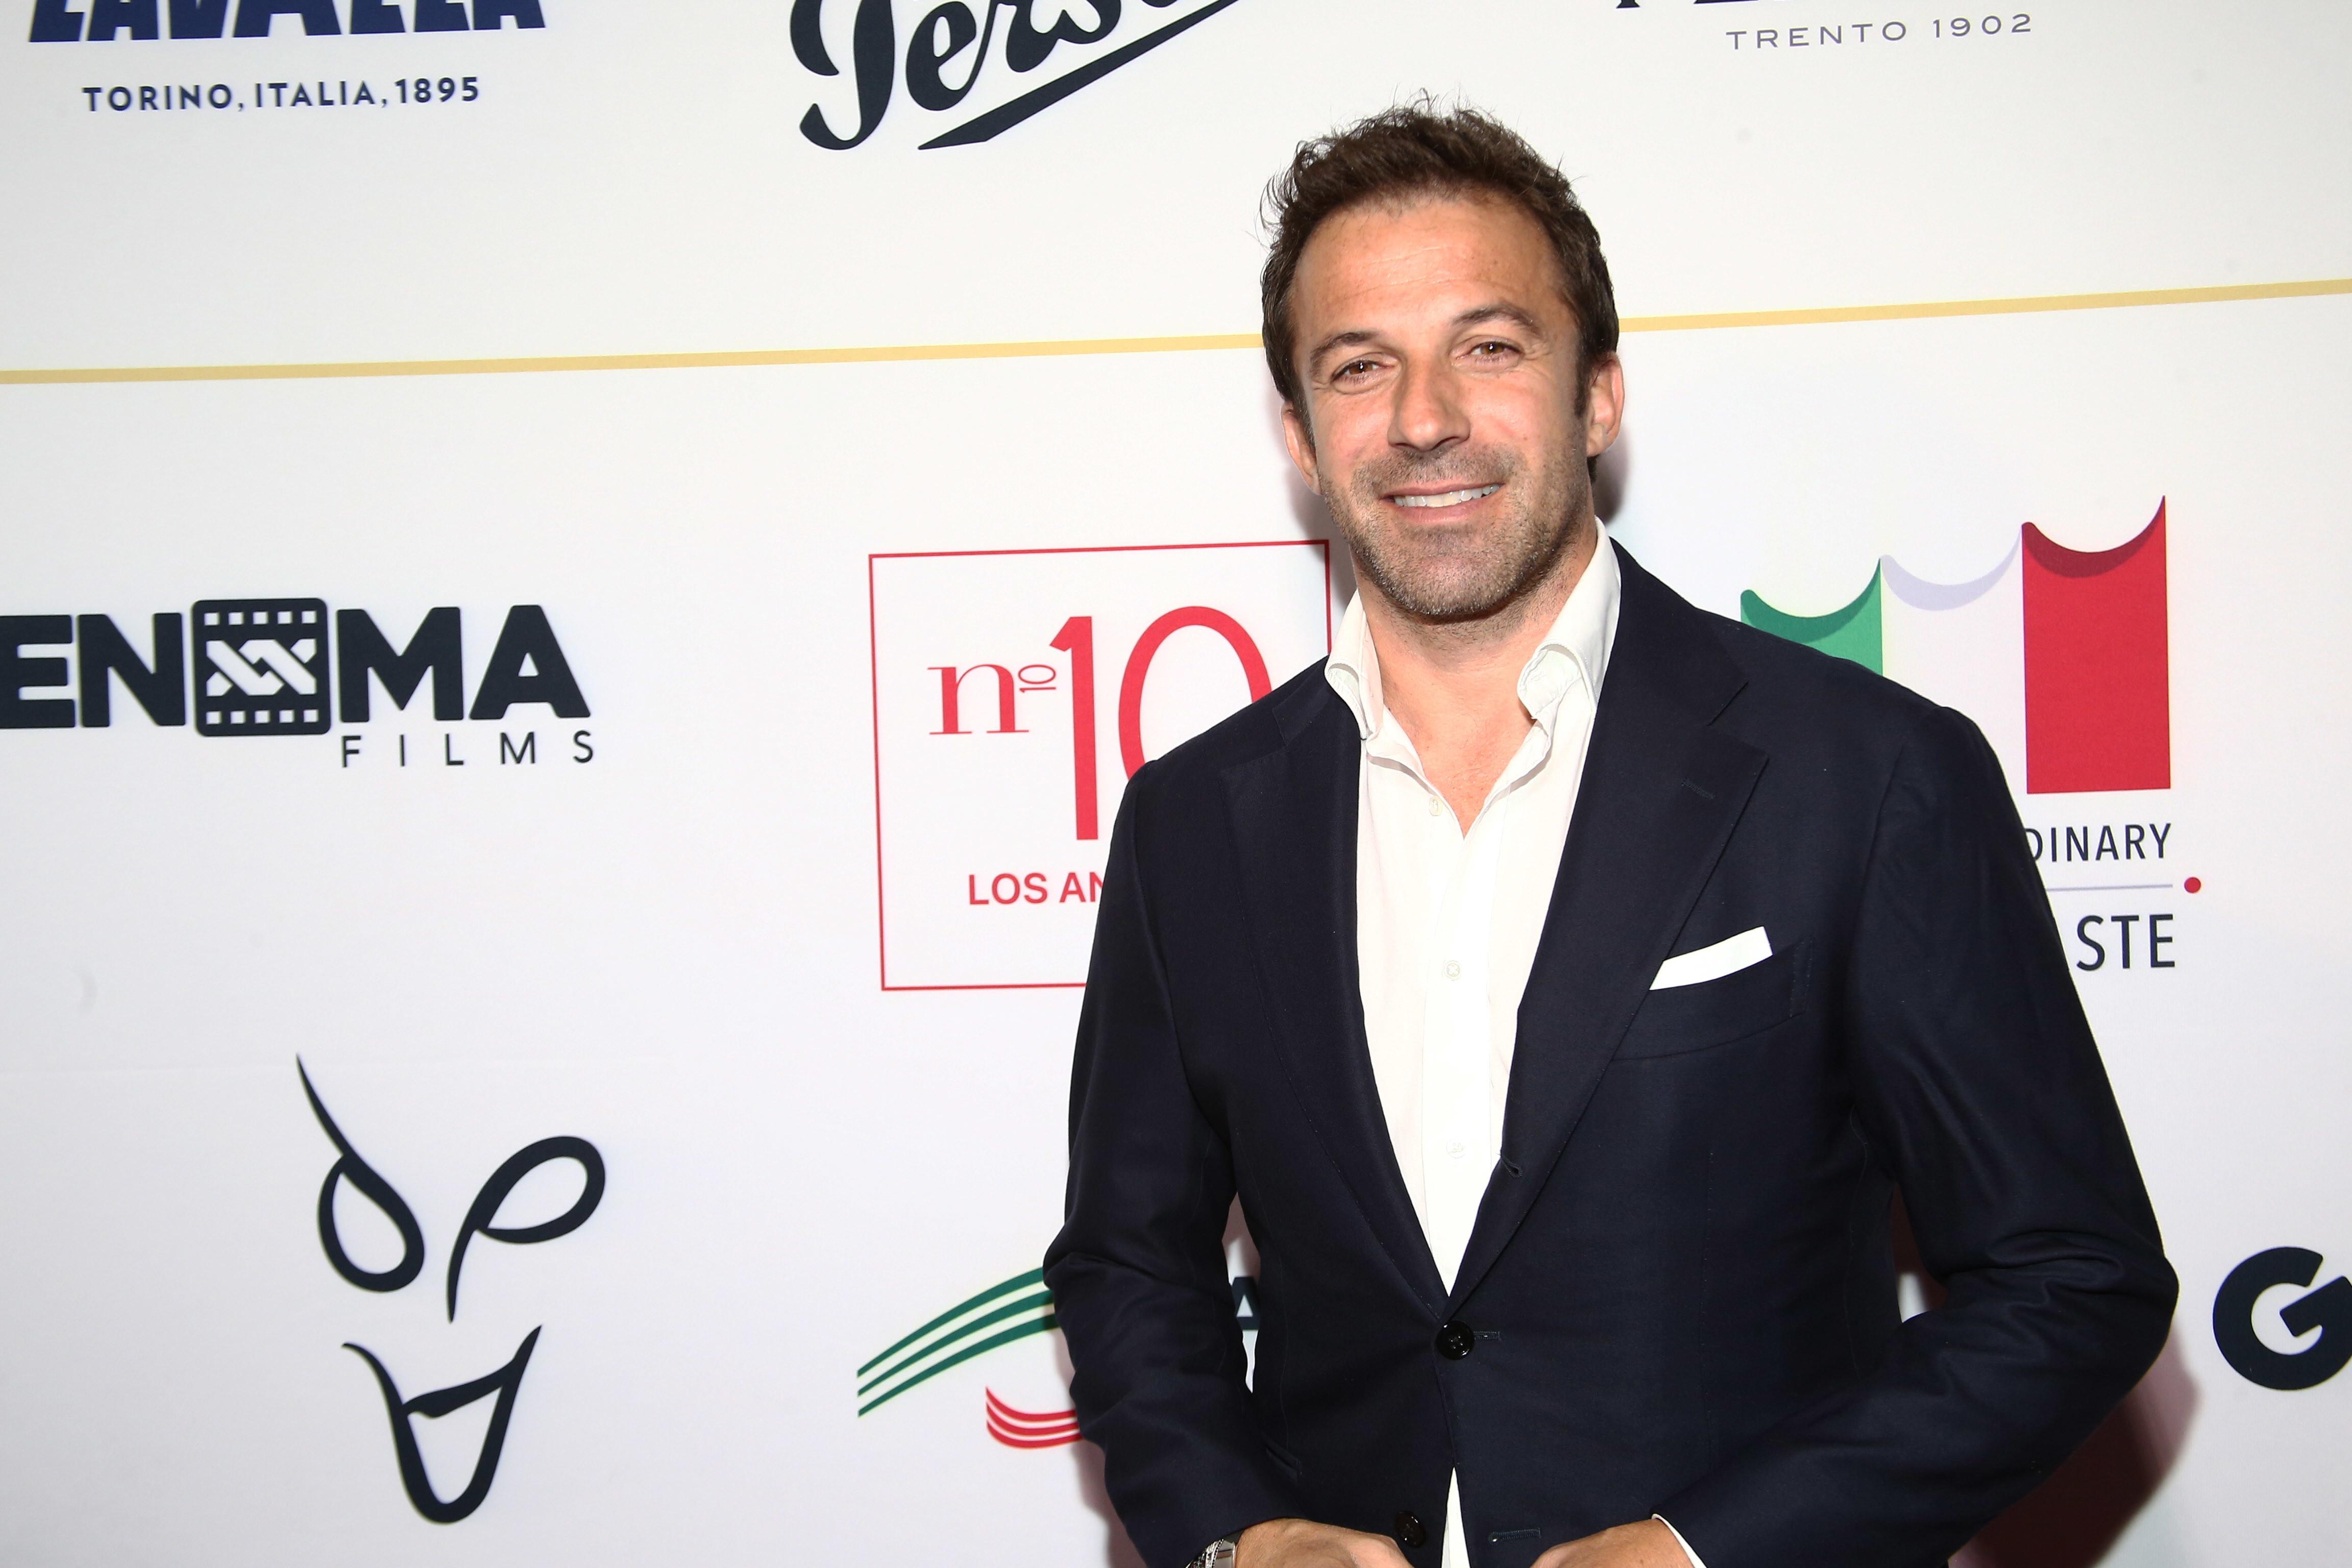 5) Alessandro Del Piero: 2,5 milioni di follower